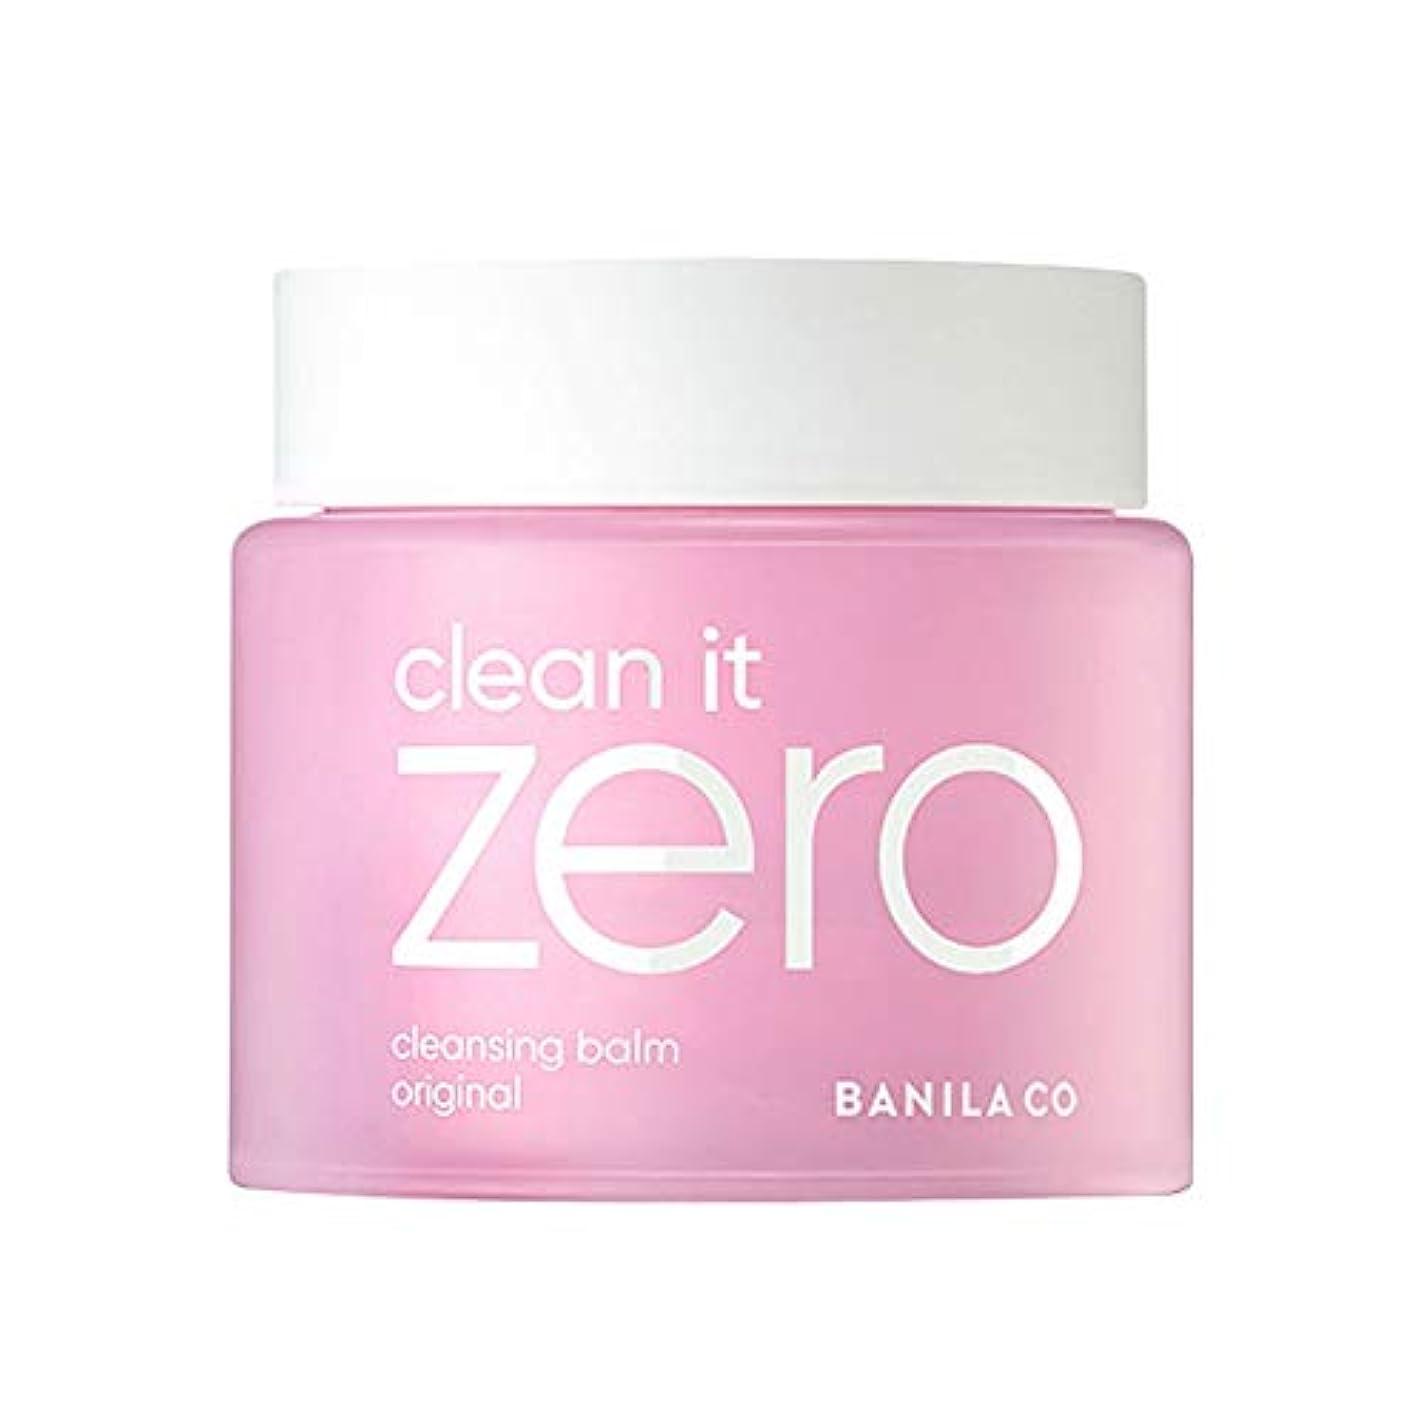 適格初期の可能にするバニラコクリーンイットゼロクレンジングbalmオリジナル180mlクレンジングクリーム、Banila Co Clean It Zero Cleansing Balm Original 180ml [並行輸入品]